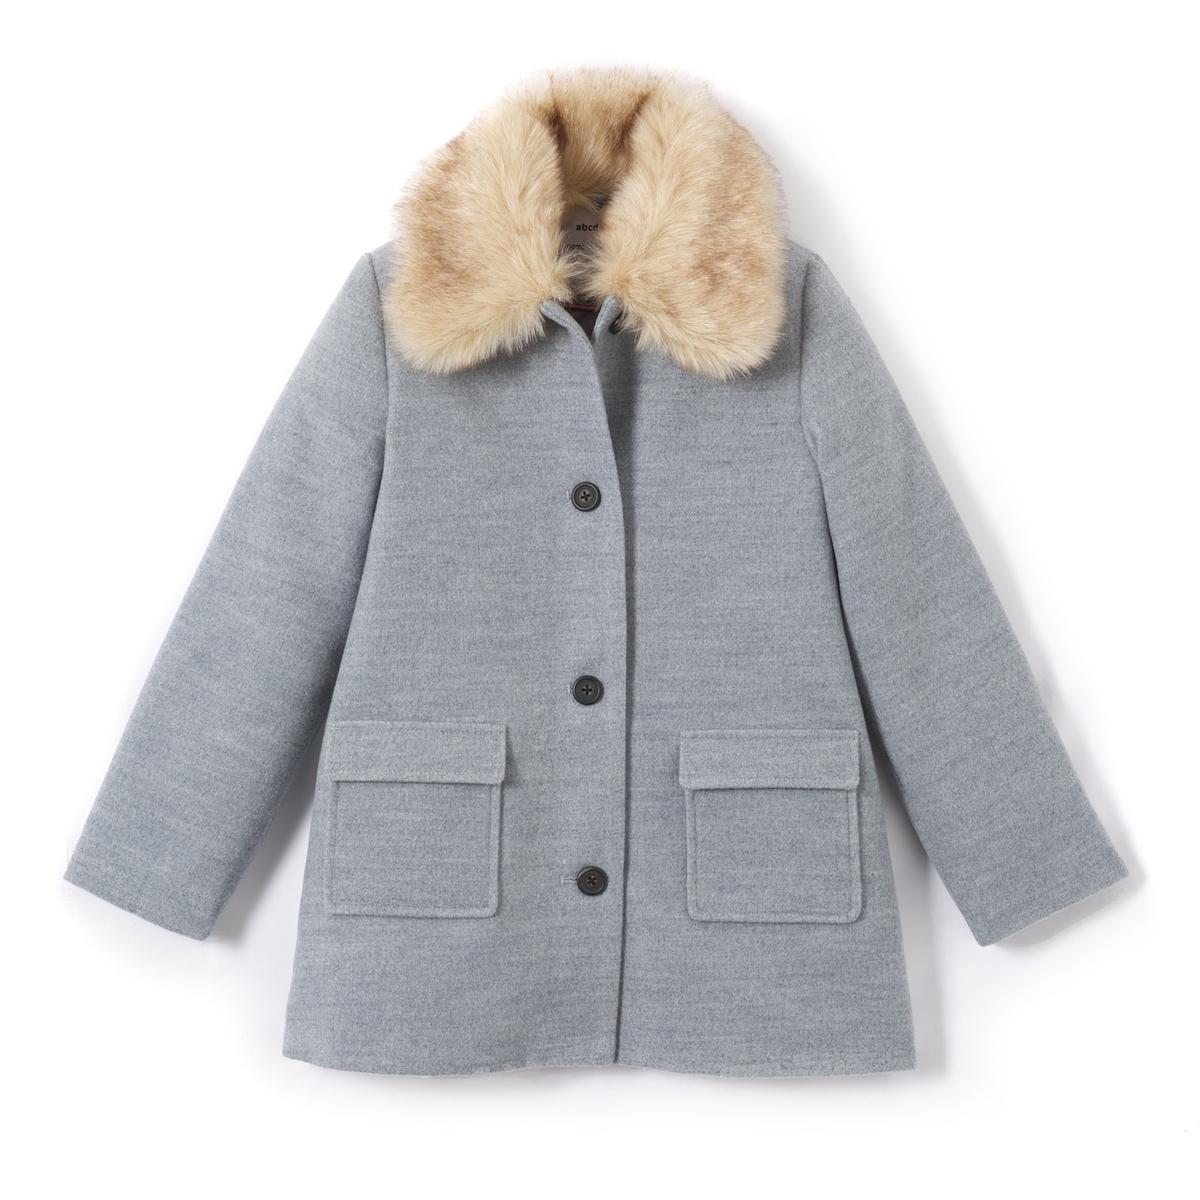 Пальто с воротником из искусственного меха, 3-12 летДетали •  Зимняя модель •  Непромокаемая •  Застежка на молнию •  С капюшоном •  Длина  : средняяСостав и уход •  93% полиэстера, 6% вискозы, 1% эластана •  Подкладка : 100% полиэстер •  Температура стирки 30° •  Сухая чистка и отбеливатели запрещены • Барабанная сушка на слабом режиме       •  Низкая температура глажки<br><br>Цвет: светло-серый меланж<br>Размер: 3 года - 94 см.12 лет -150 см.8 лет - 126 см.4 года - 102 см